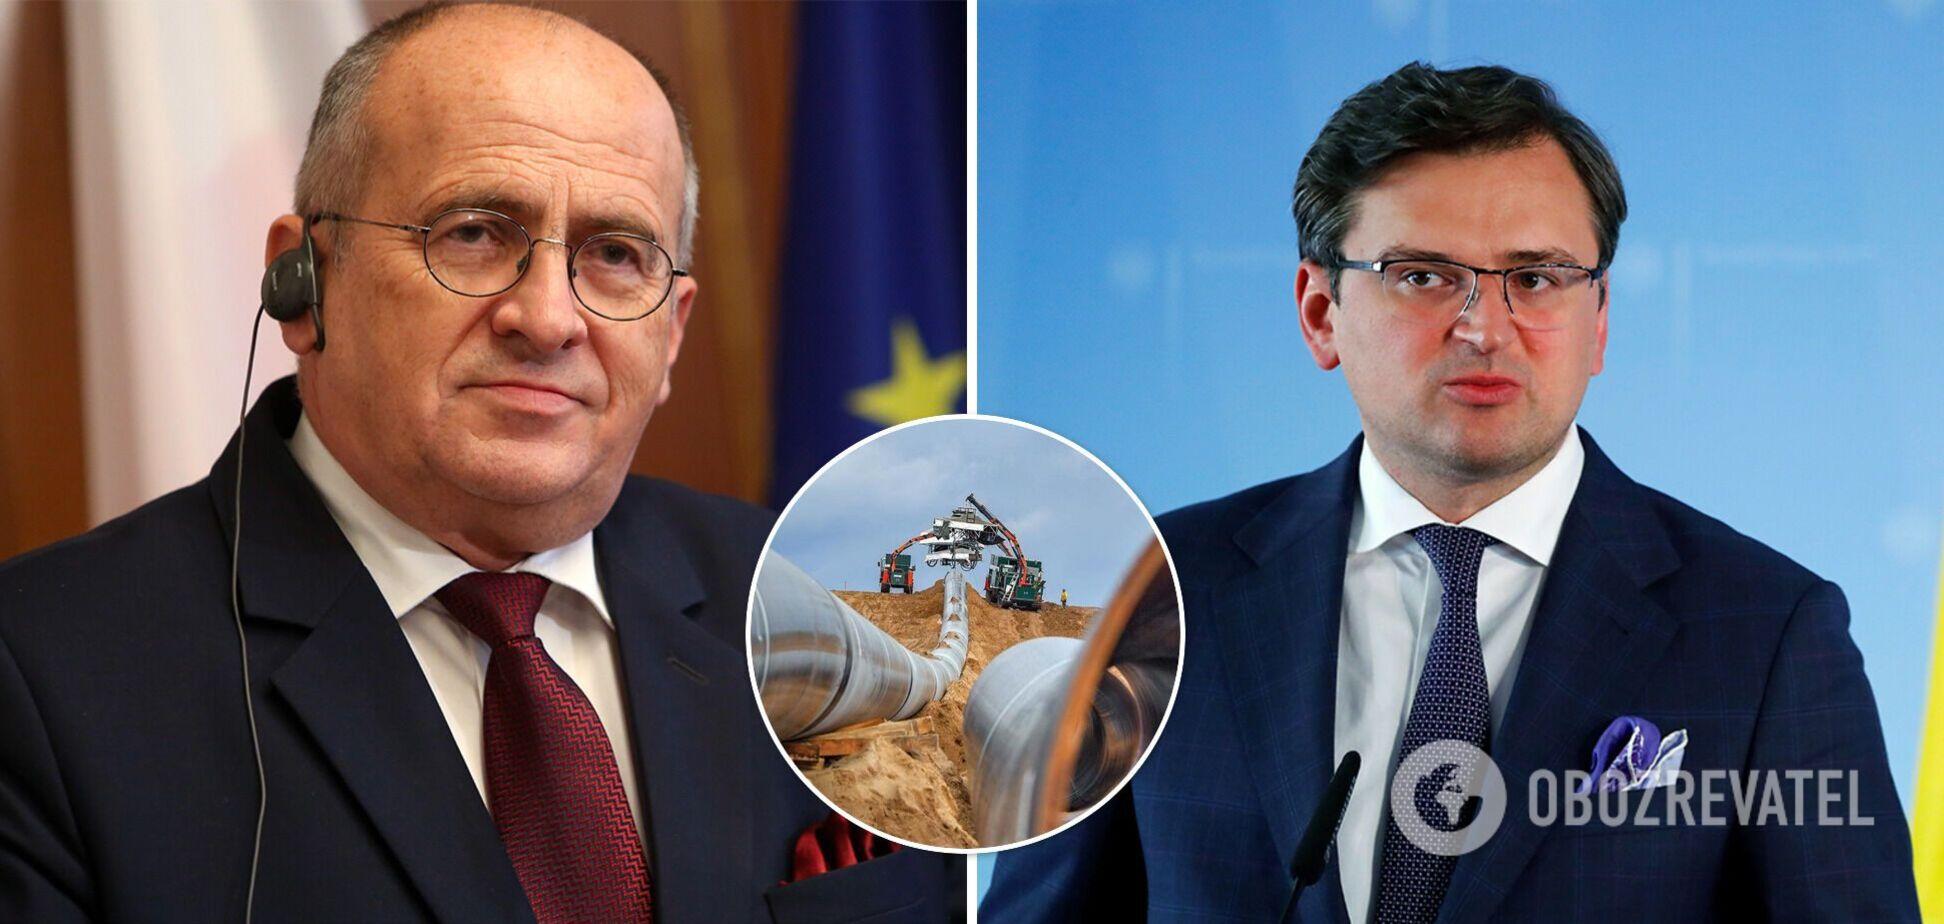 Україна і Польща продовжать боротьбу з 'Північним потоком-2': міністри виступили із заявою